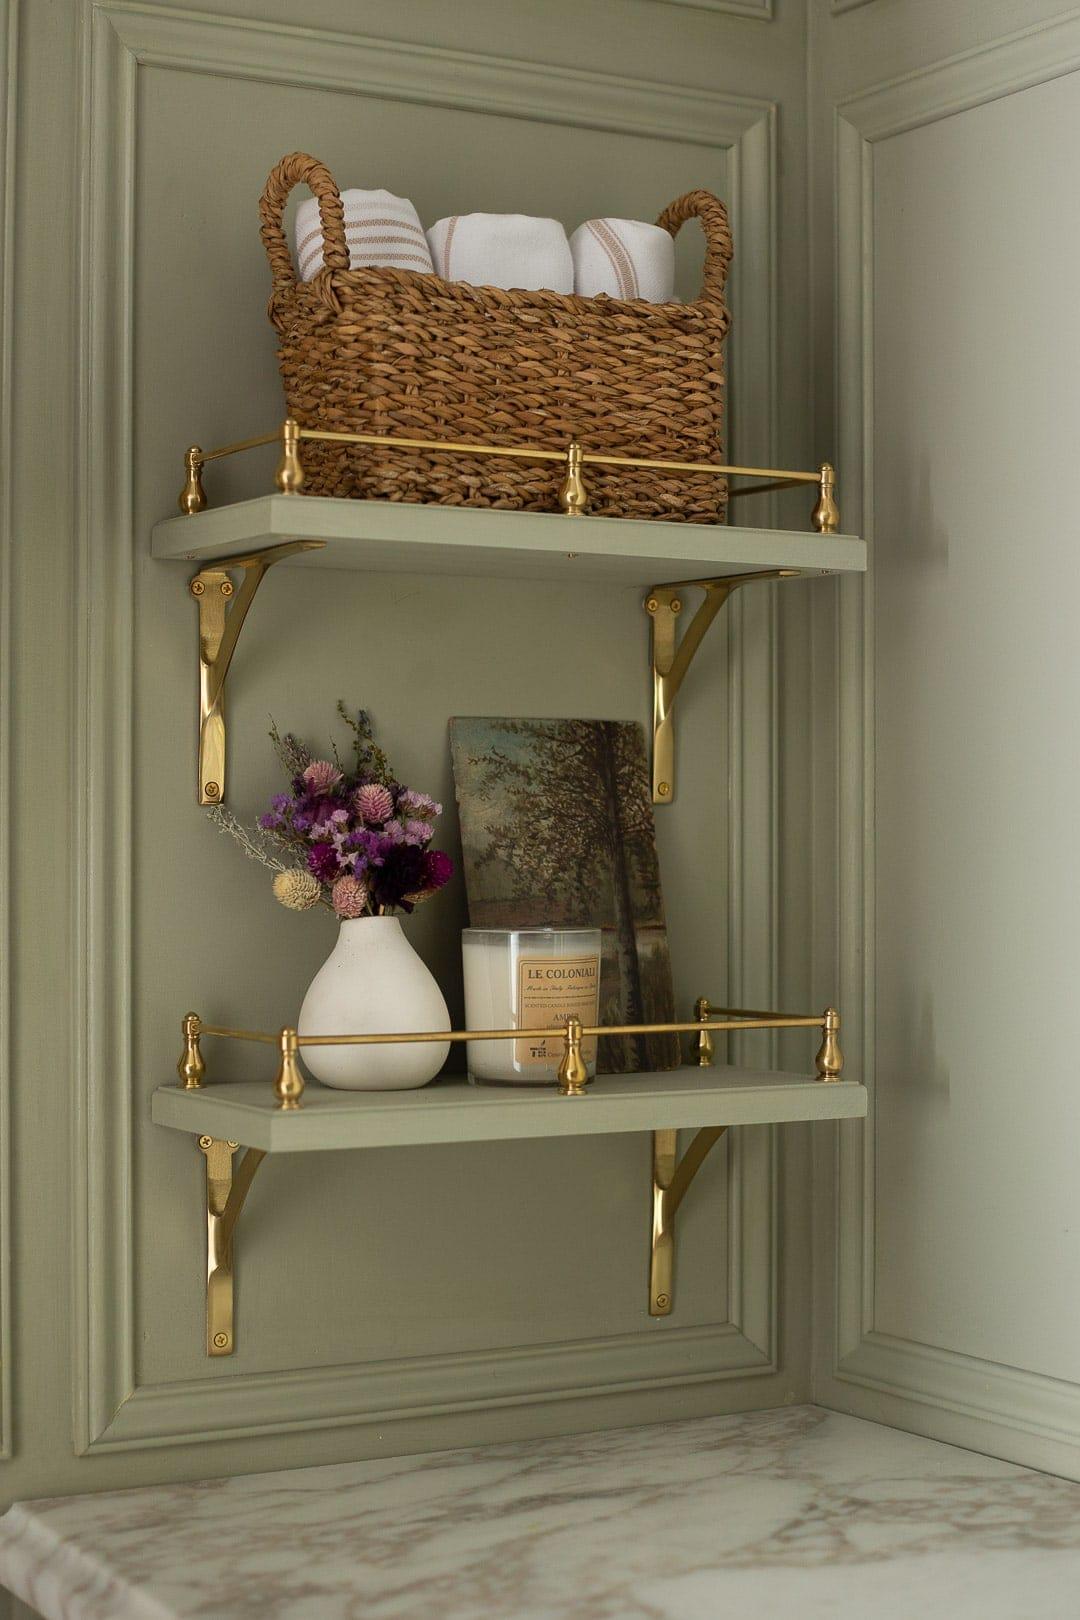 open-shelf-design-idea-brass-rail-styling